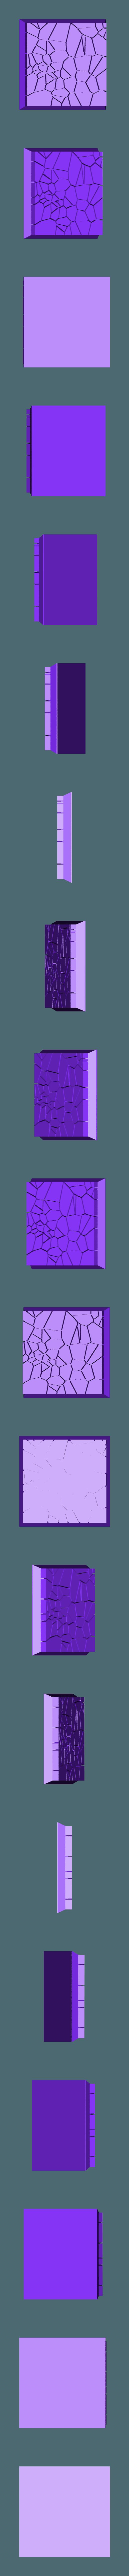 Cracked_Paving_25mm_5.stl Télécharger fichier STL gratuit Dallage fissuré / Bases carrées à effet de lave pour la saga Dungeon, Kingd of war, Warhammer fantasy battle etc • Objet imprimable en 3D, redstarkits